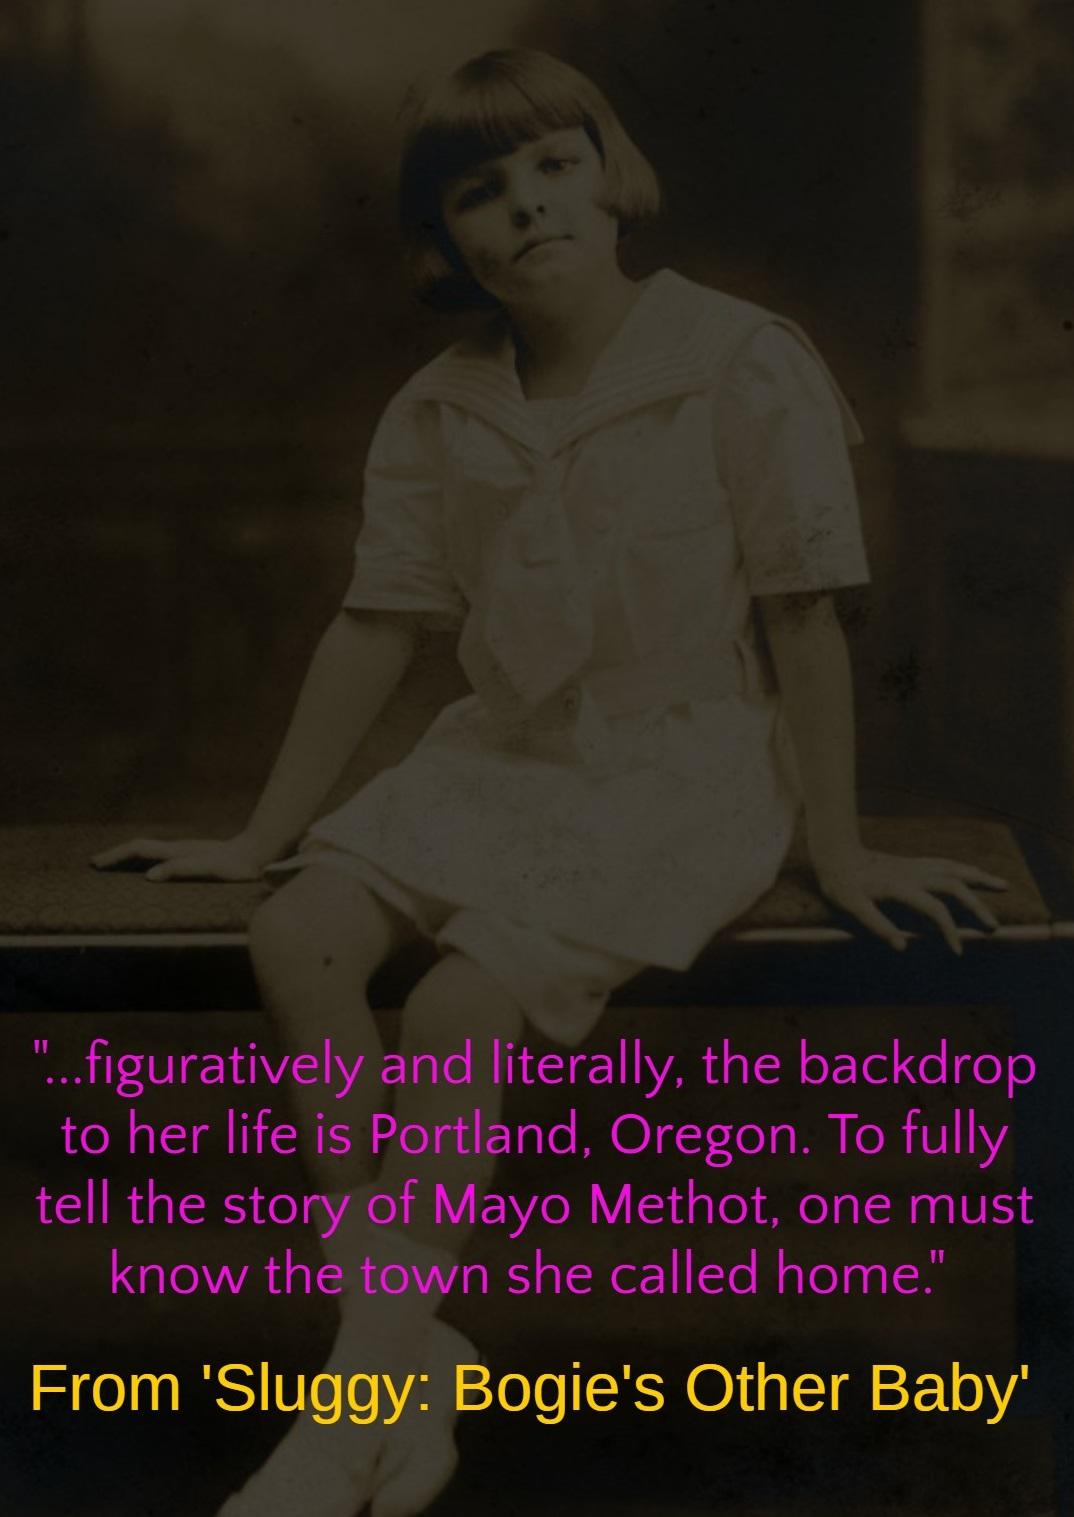 Mayo Methot, Humphrey Bogart, Portland, Oregon, Portland Oregon, Portland Memorial, Hollywood, Bogie's Other Baby, Sluggy, Broadway, Sluggy Bogie's Other Baby